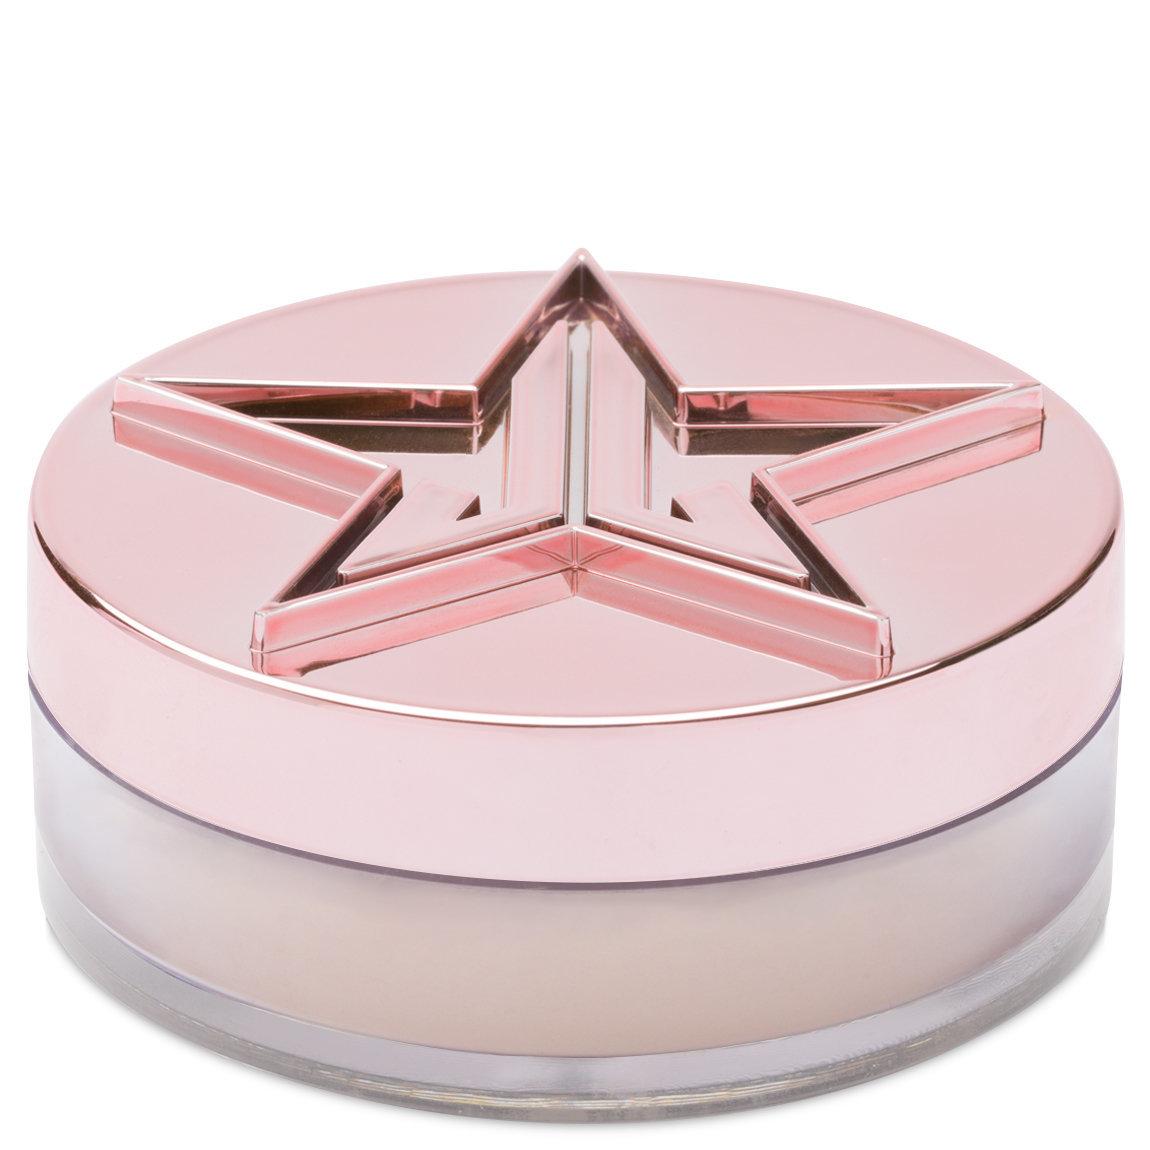 Jeffree Star Cosmetics Magic Star Luminous Setting Powder Fair alternative view 1.